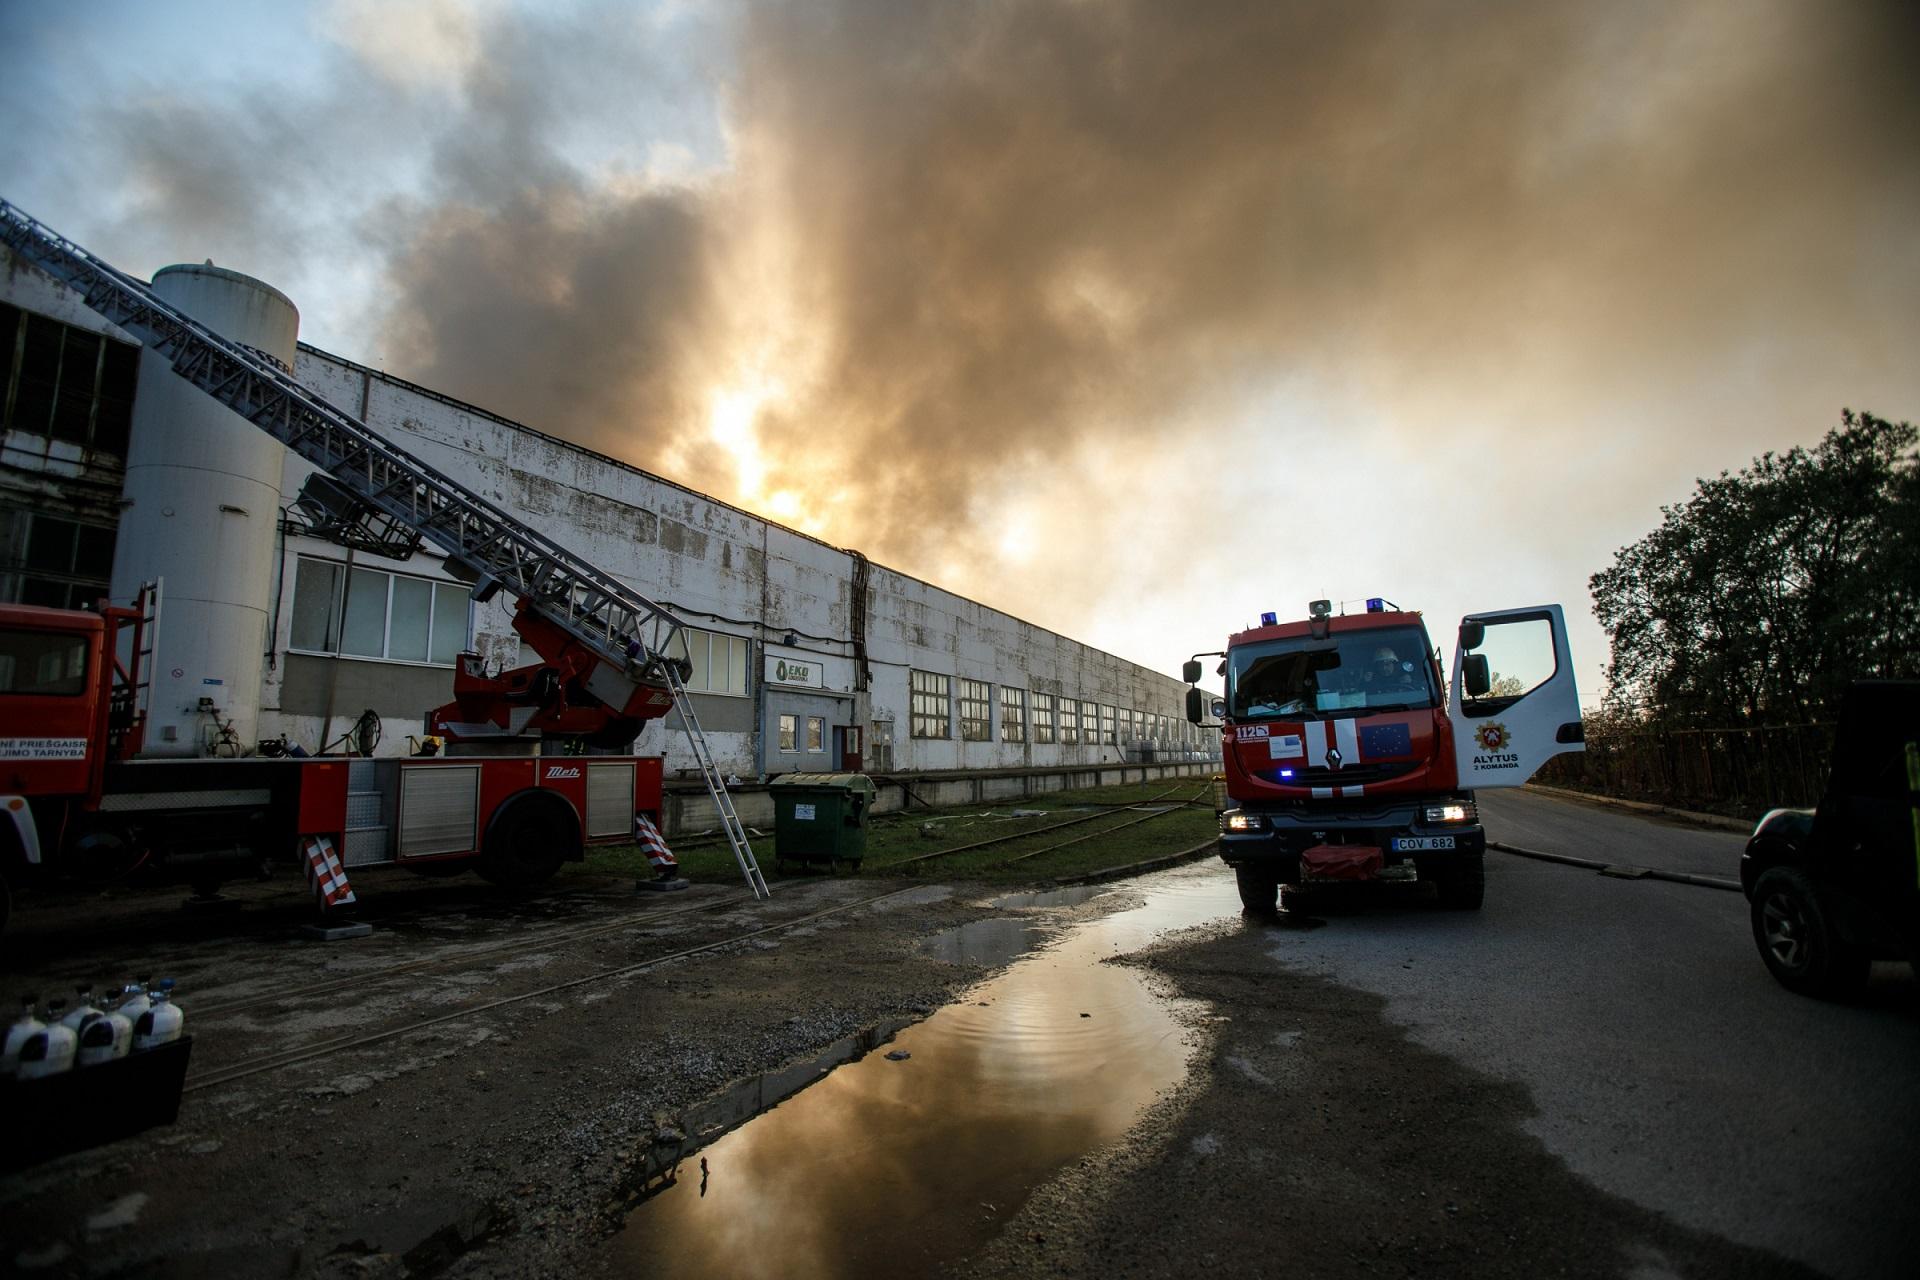 Nors savaitgalį mūsų krašte buvo fiksuojamas vidutinis oro užterštumo lygis, specialistai ramina – su gaisru Alytuje jis neturi nieko bendro. / Eriko Ovčarenko, BNS nuotr.